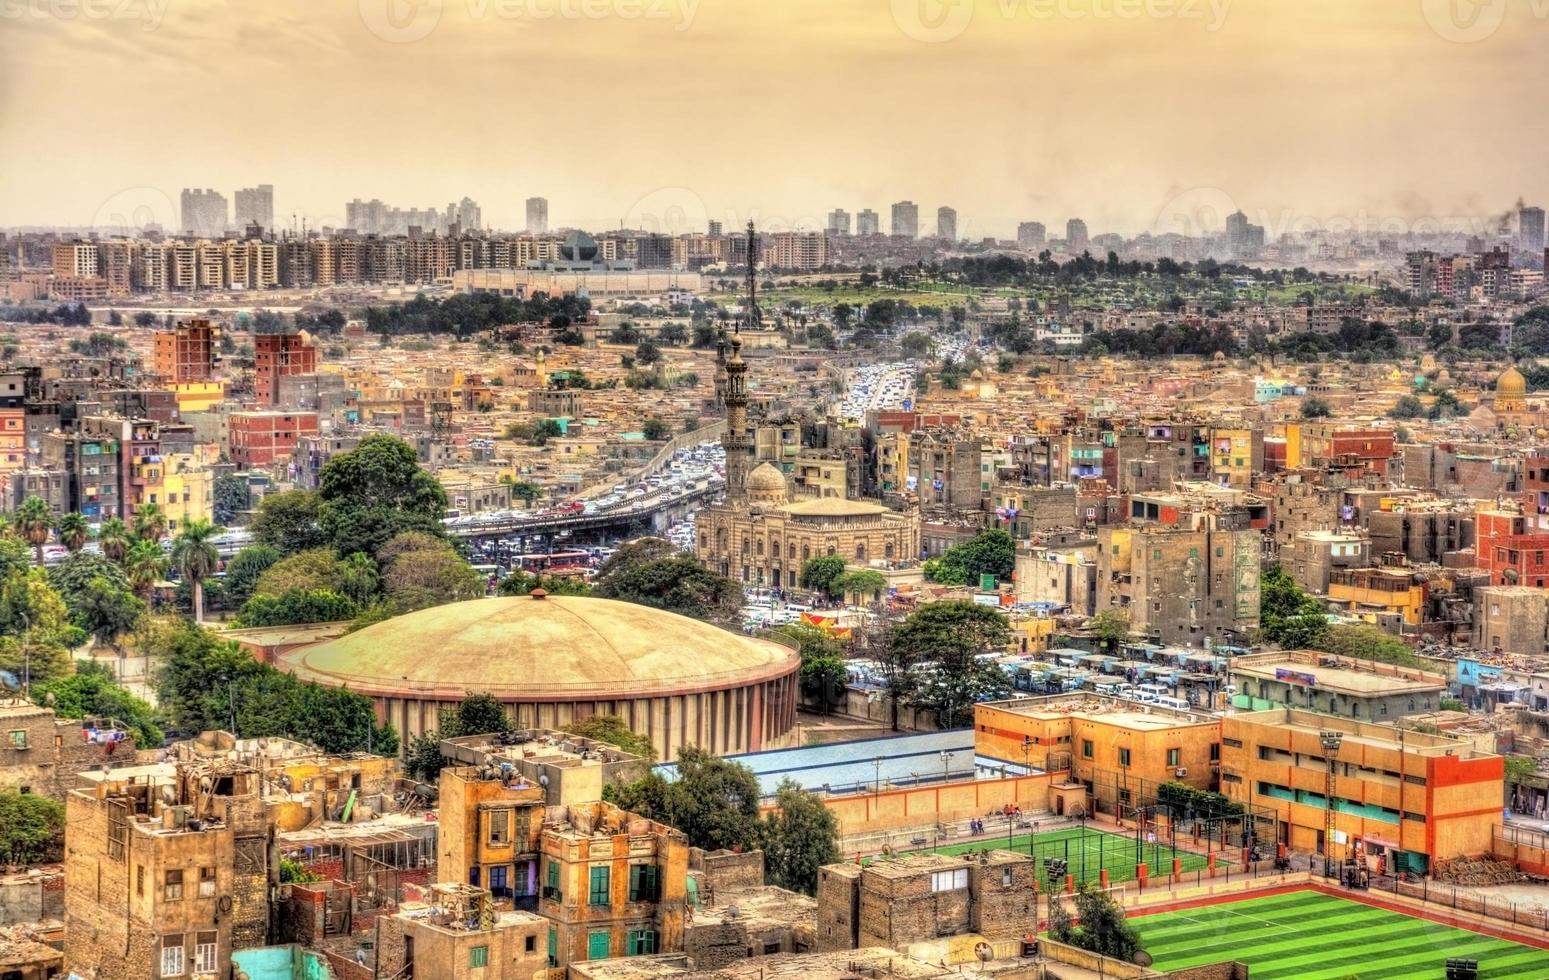 utsikt över kairo från citadellet - Egypten foto